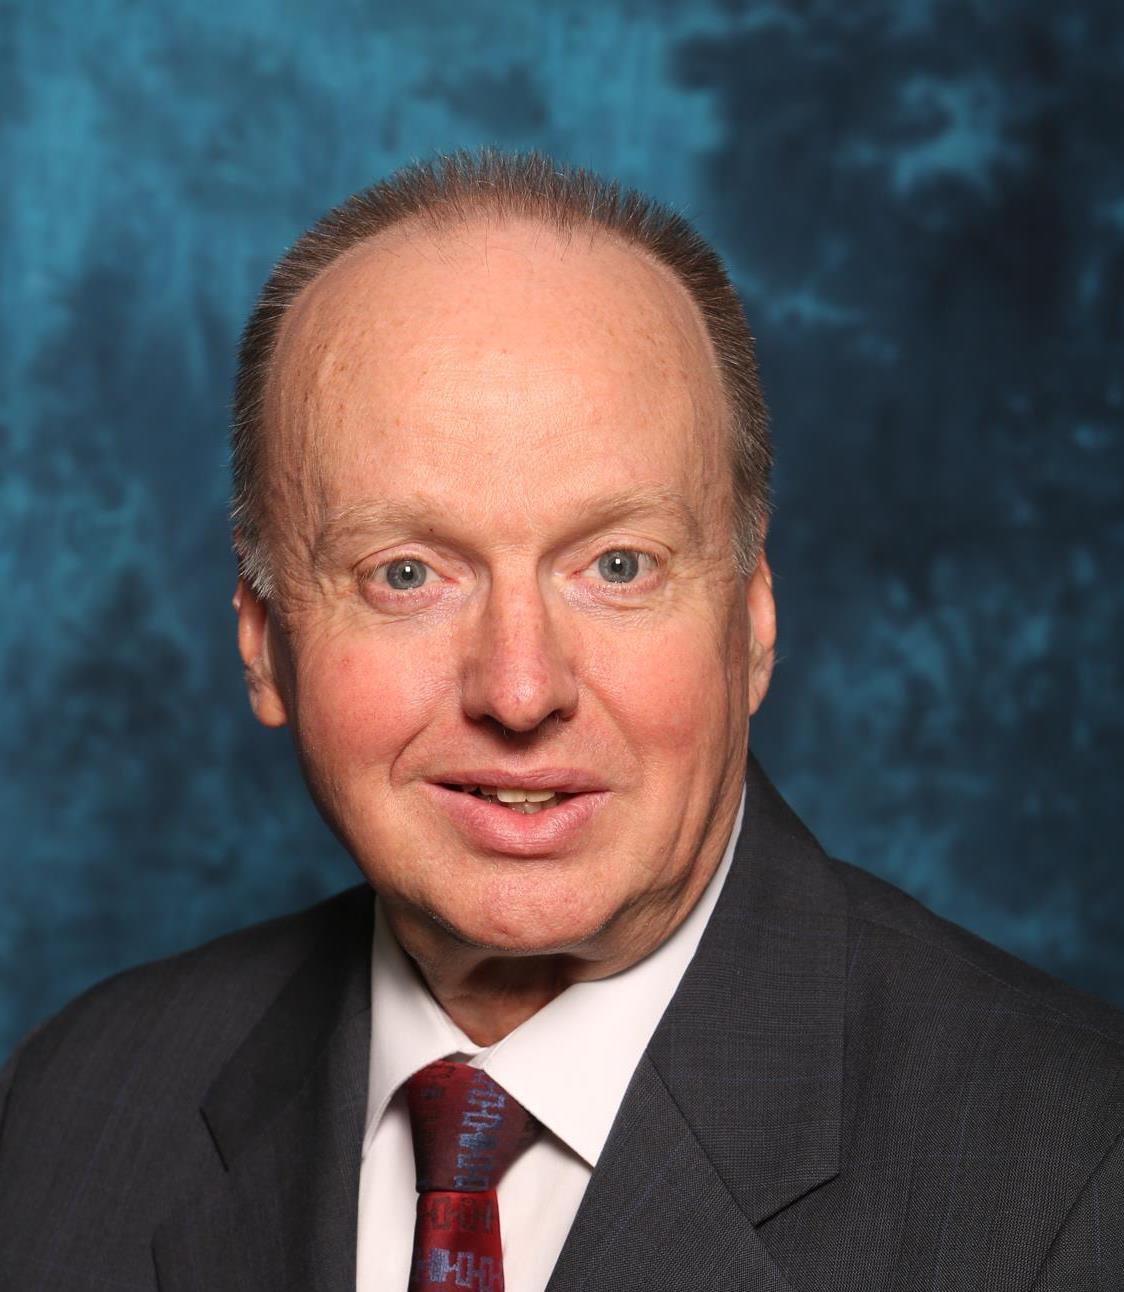 Ronald DeWitt